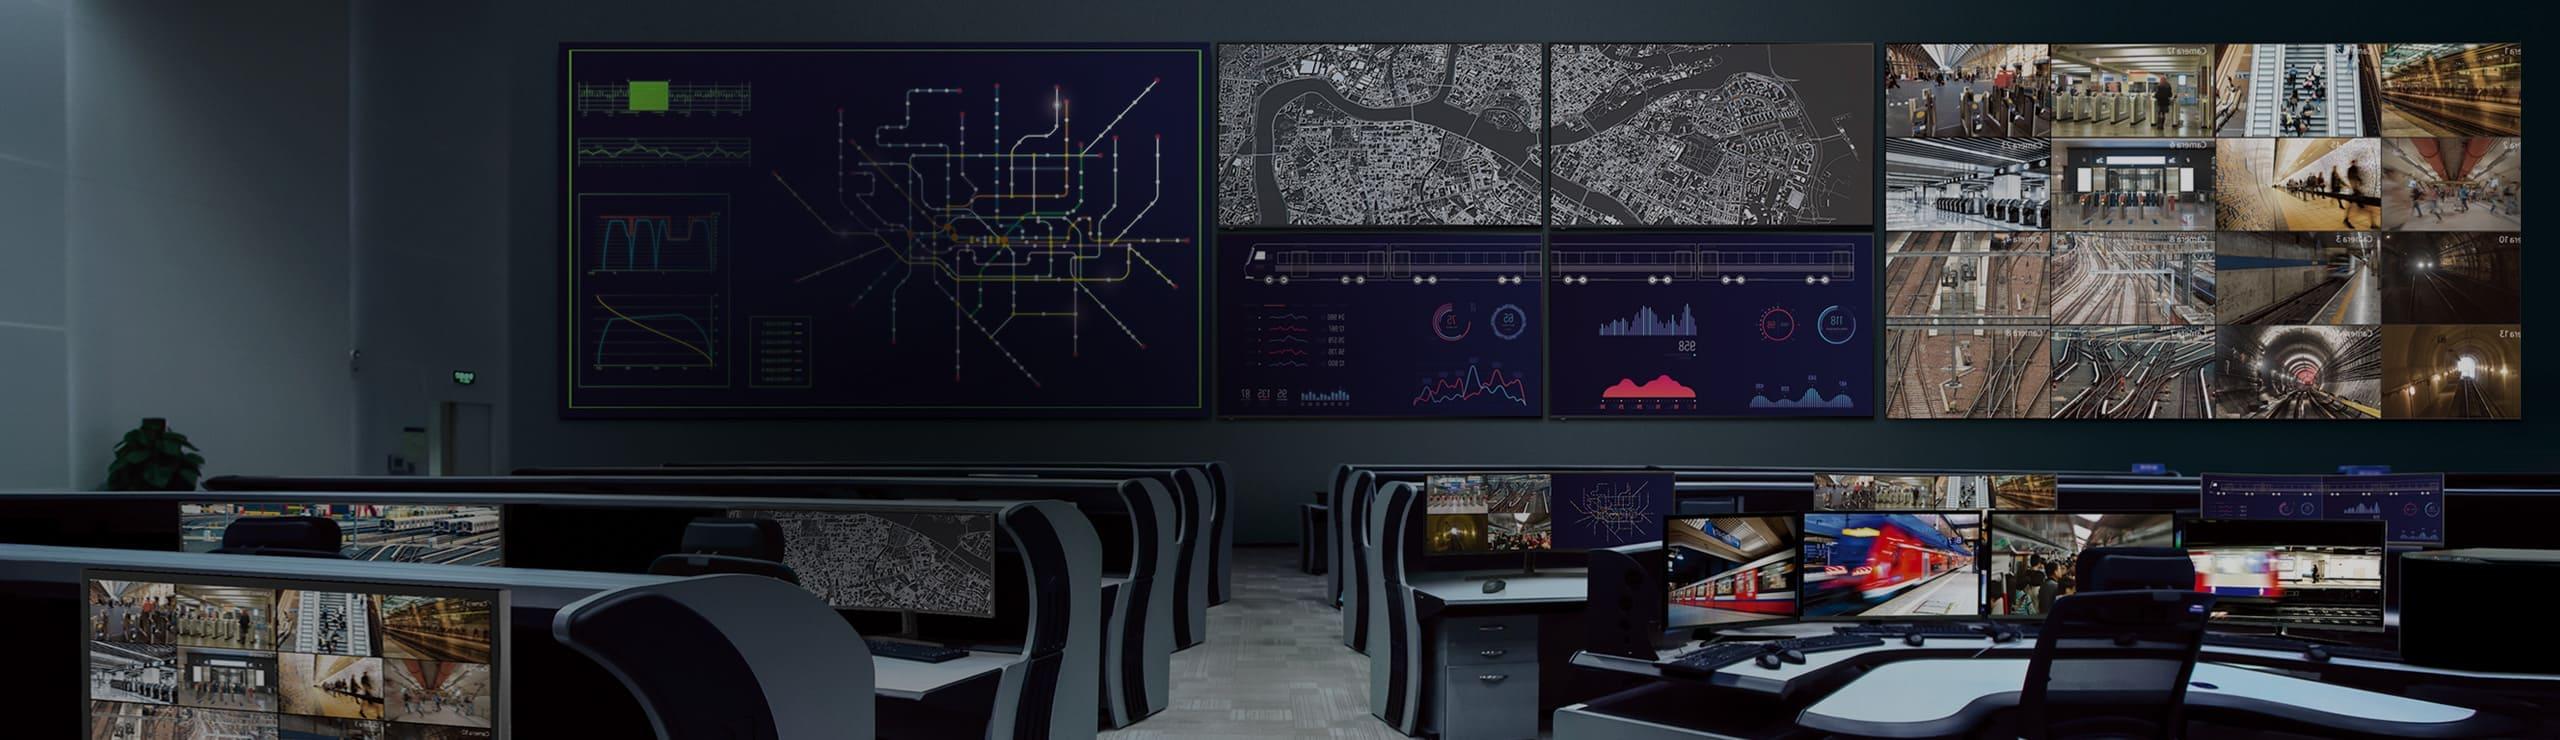 Soluciones Monitoreo y Control